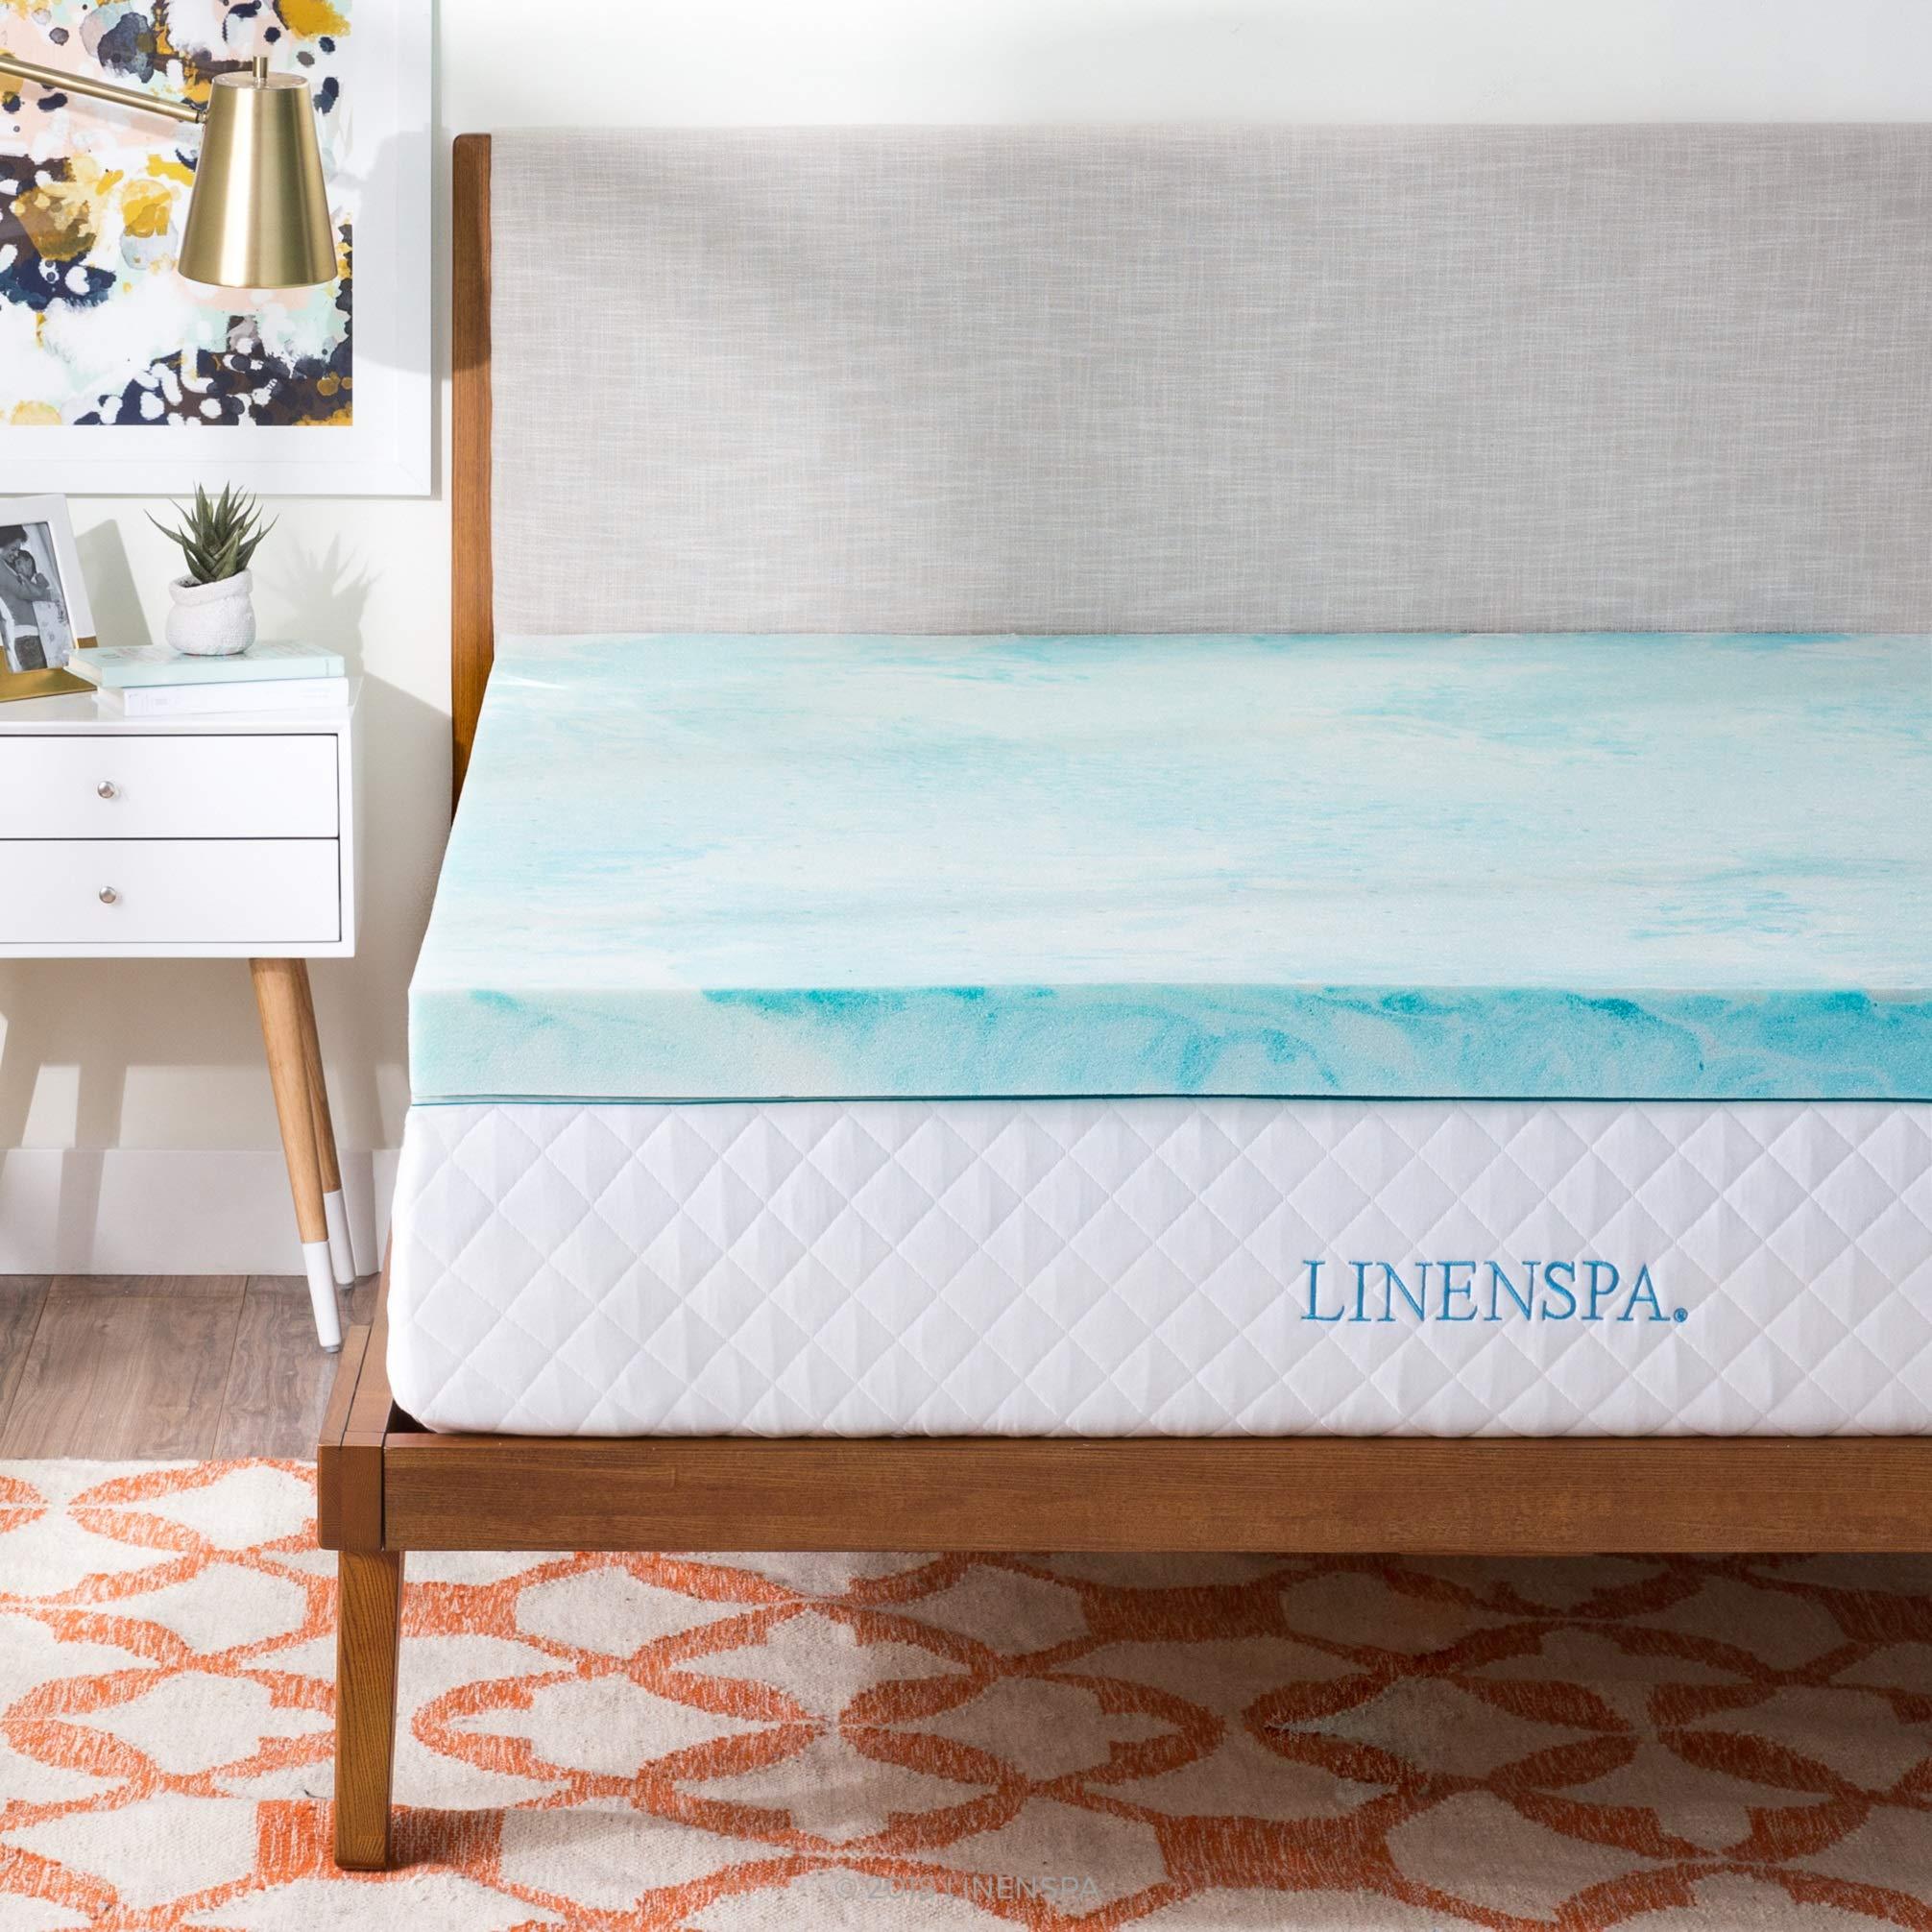 Linenspa 3 Inch Gel Swirl Memory Foam Topper-Queen by Linenspa